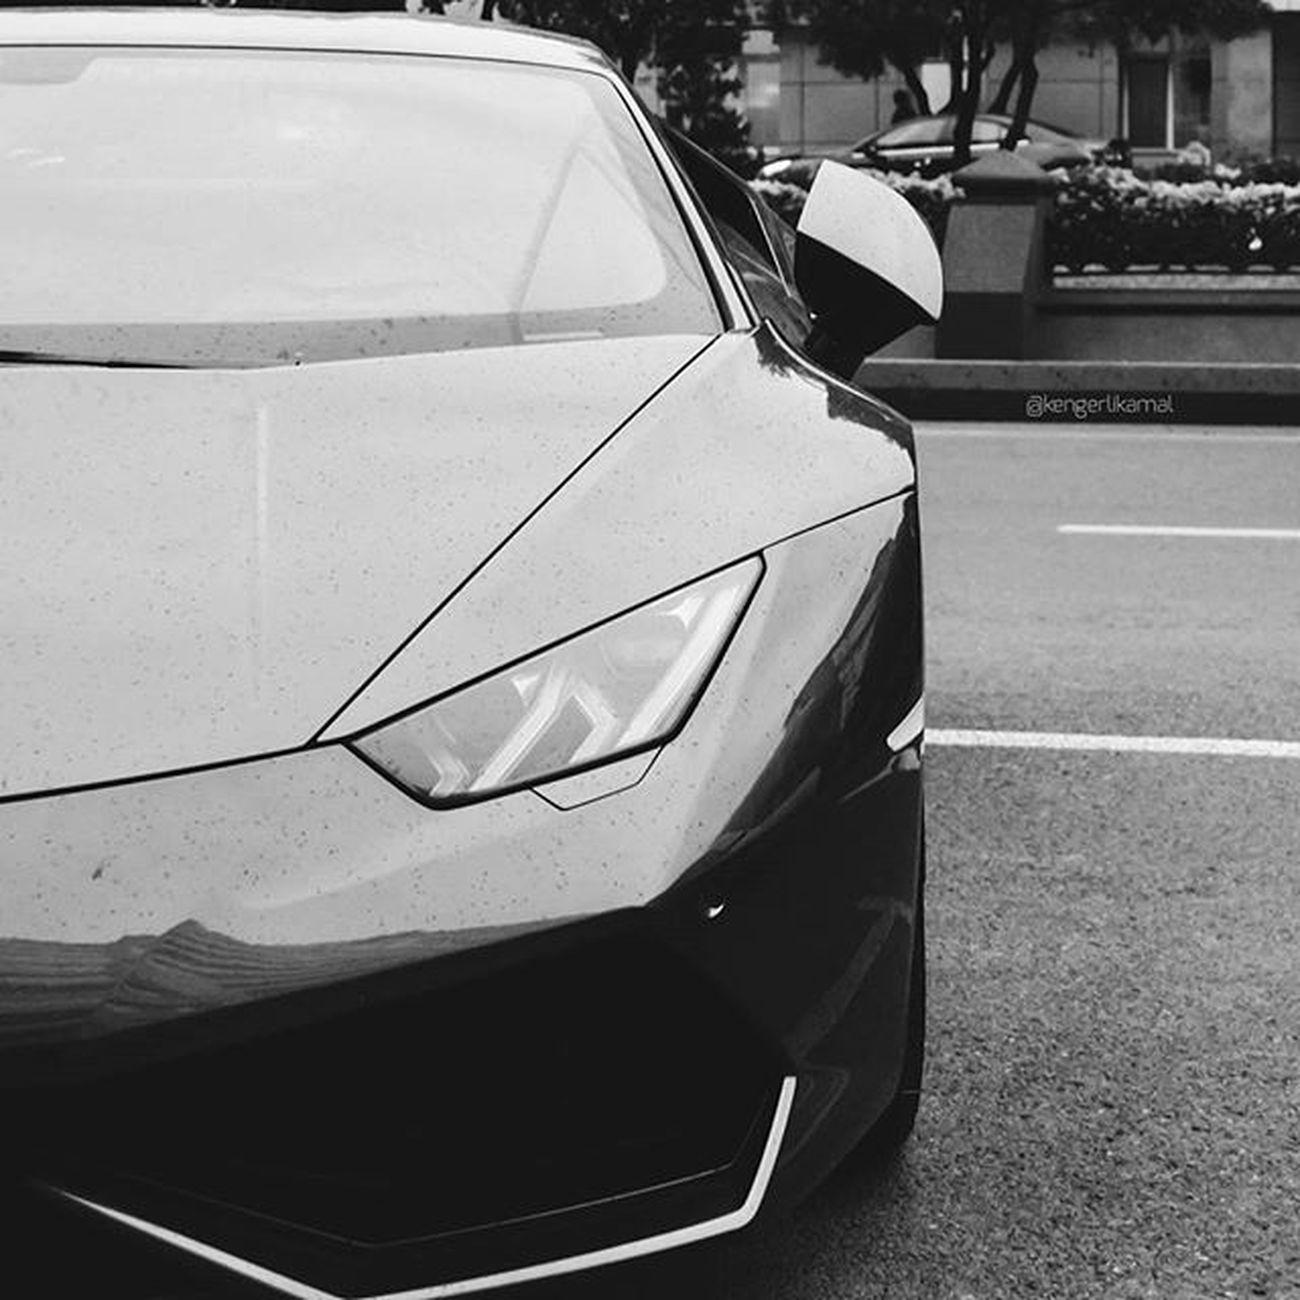 VSCO Vscocam Vscoazerbaijan Vscocar Mnmlsm Car Cars Carsinbaku Like Likeme Likeback Speedfan Baku Azerbaijan Aztargram Carstagram Sportcar Evnazerbaijan Lamborghini Fiftyfivegrid Black Instaolkem Billionaire